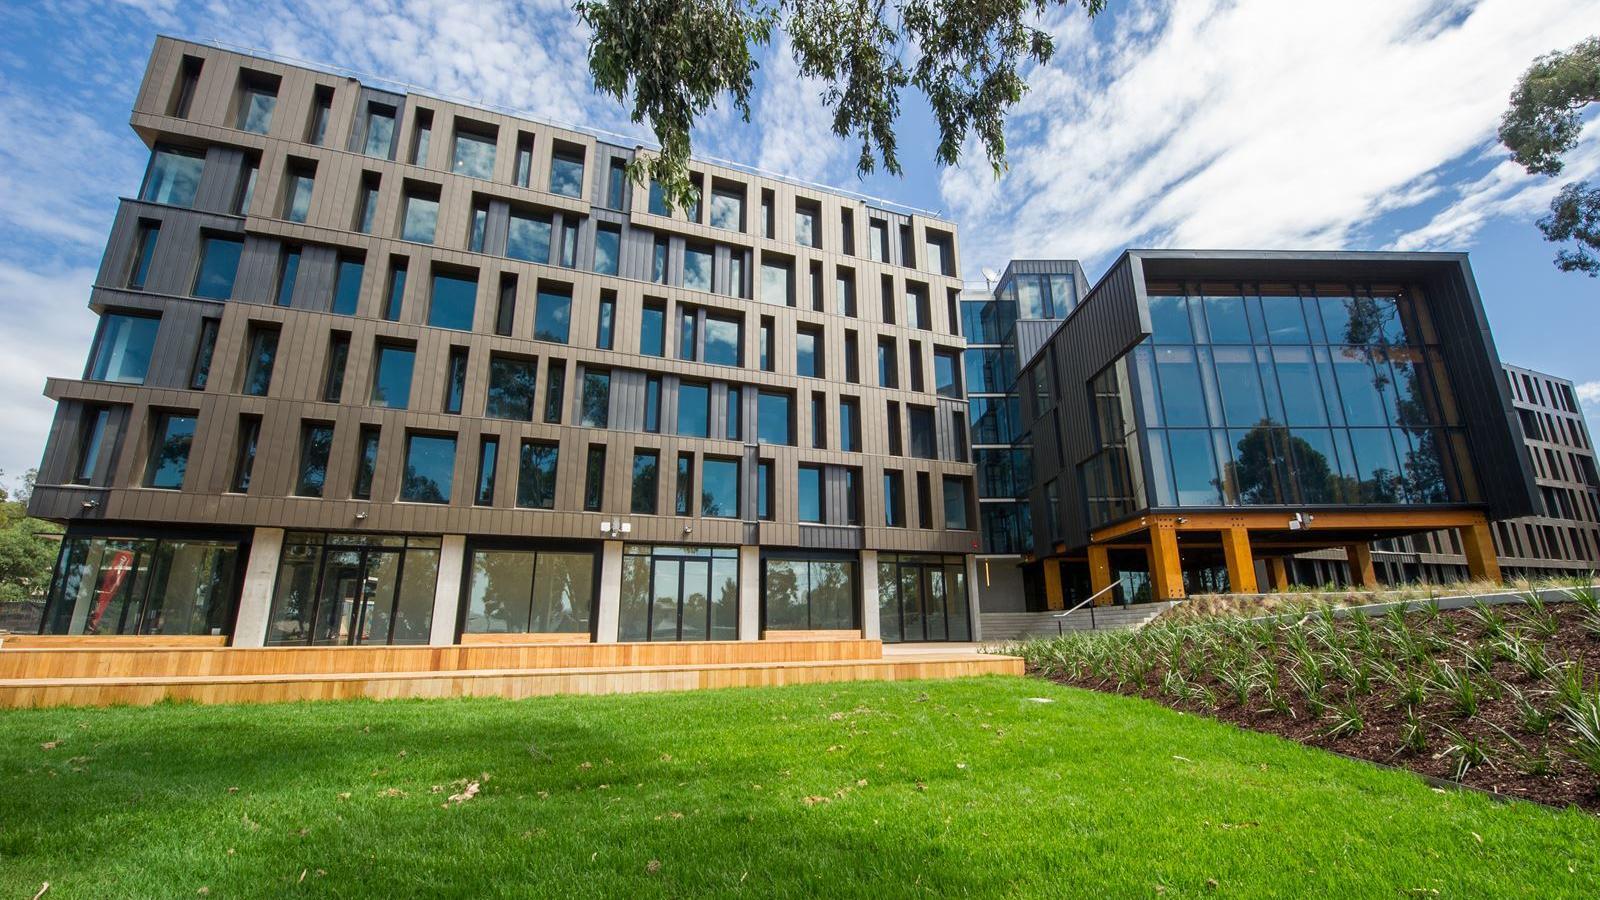 UniLodge @ RMIT Bundoora Building Exterior